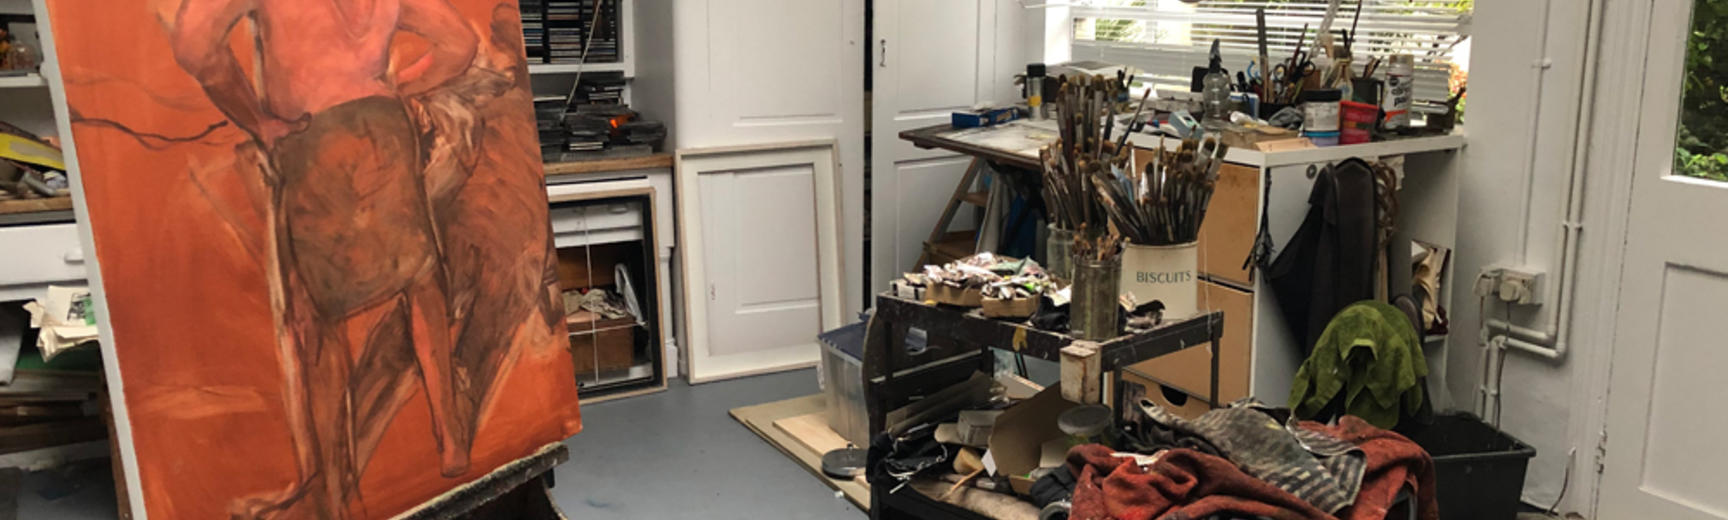 marcelle hanselaar studio 1